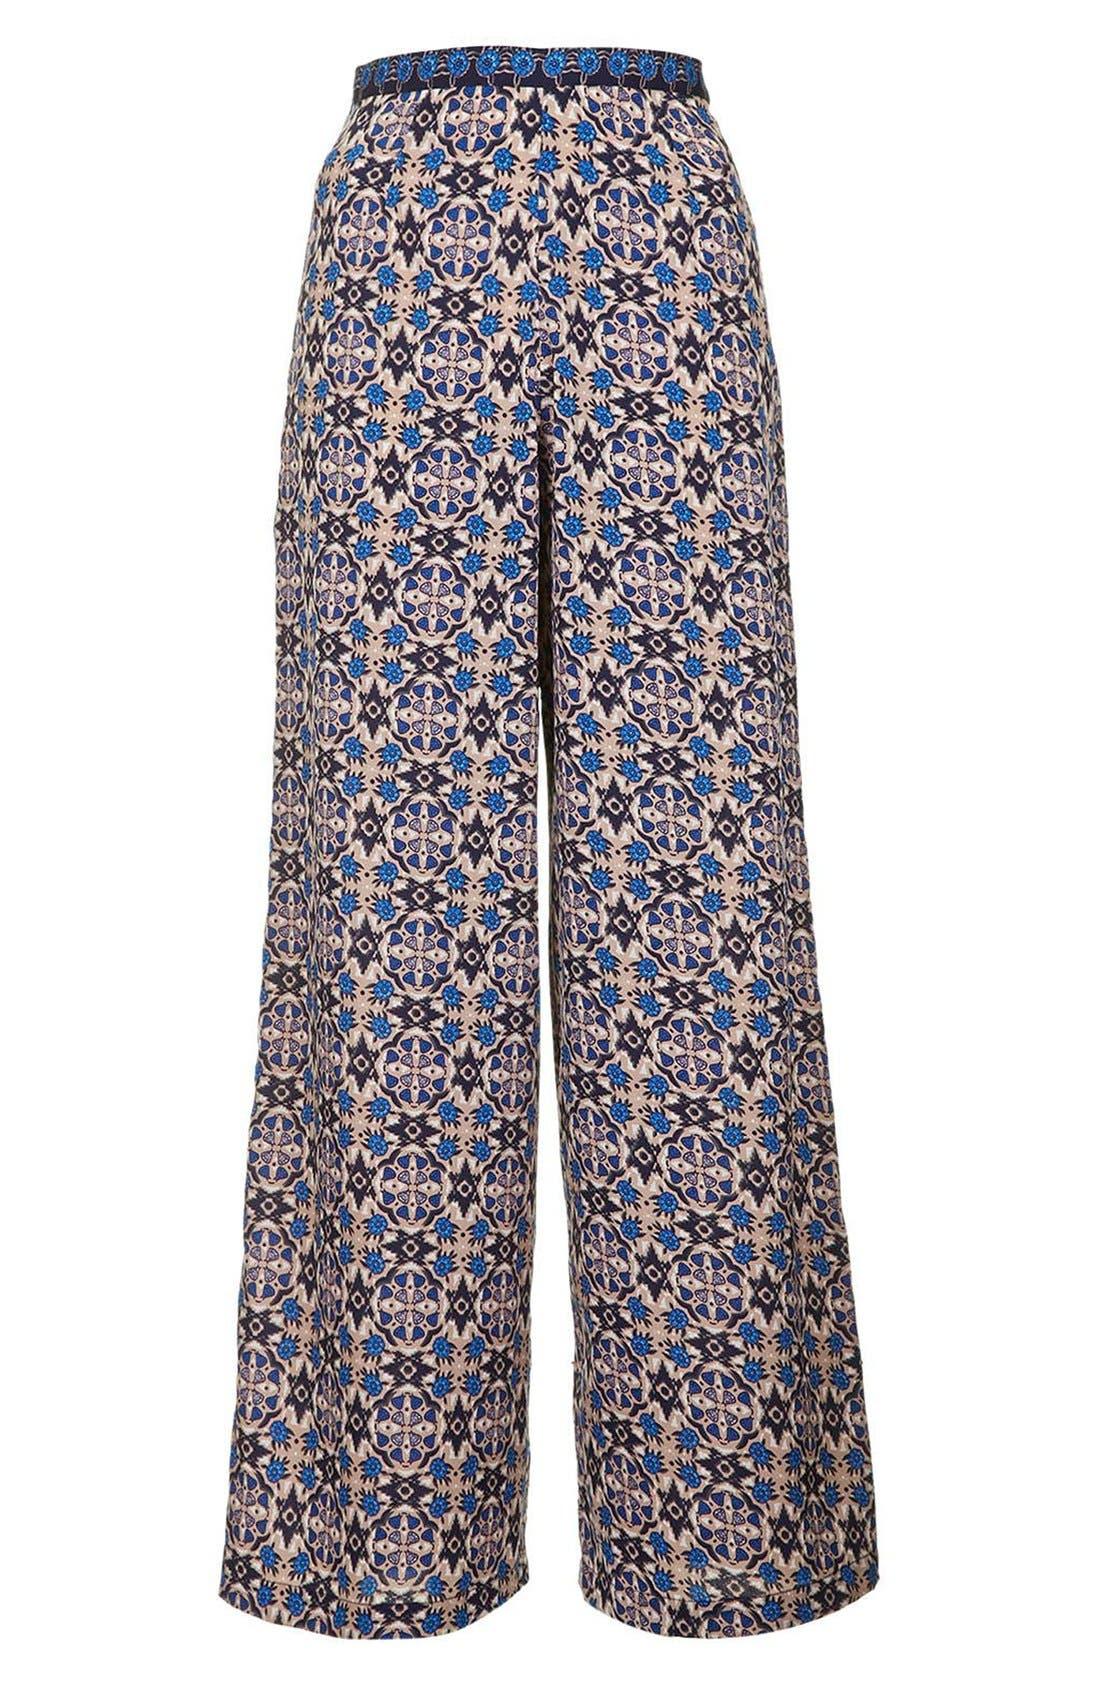 Alternate Image 4  - Topshop 'Troubadour' Tile Print Wide Leg Trousers